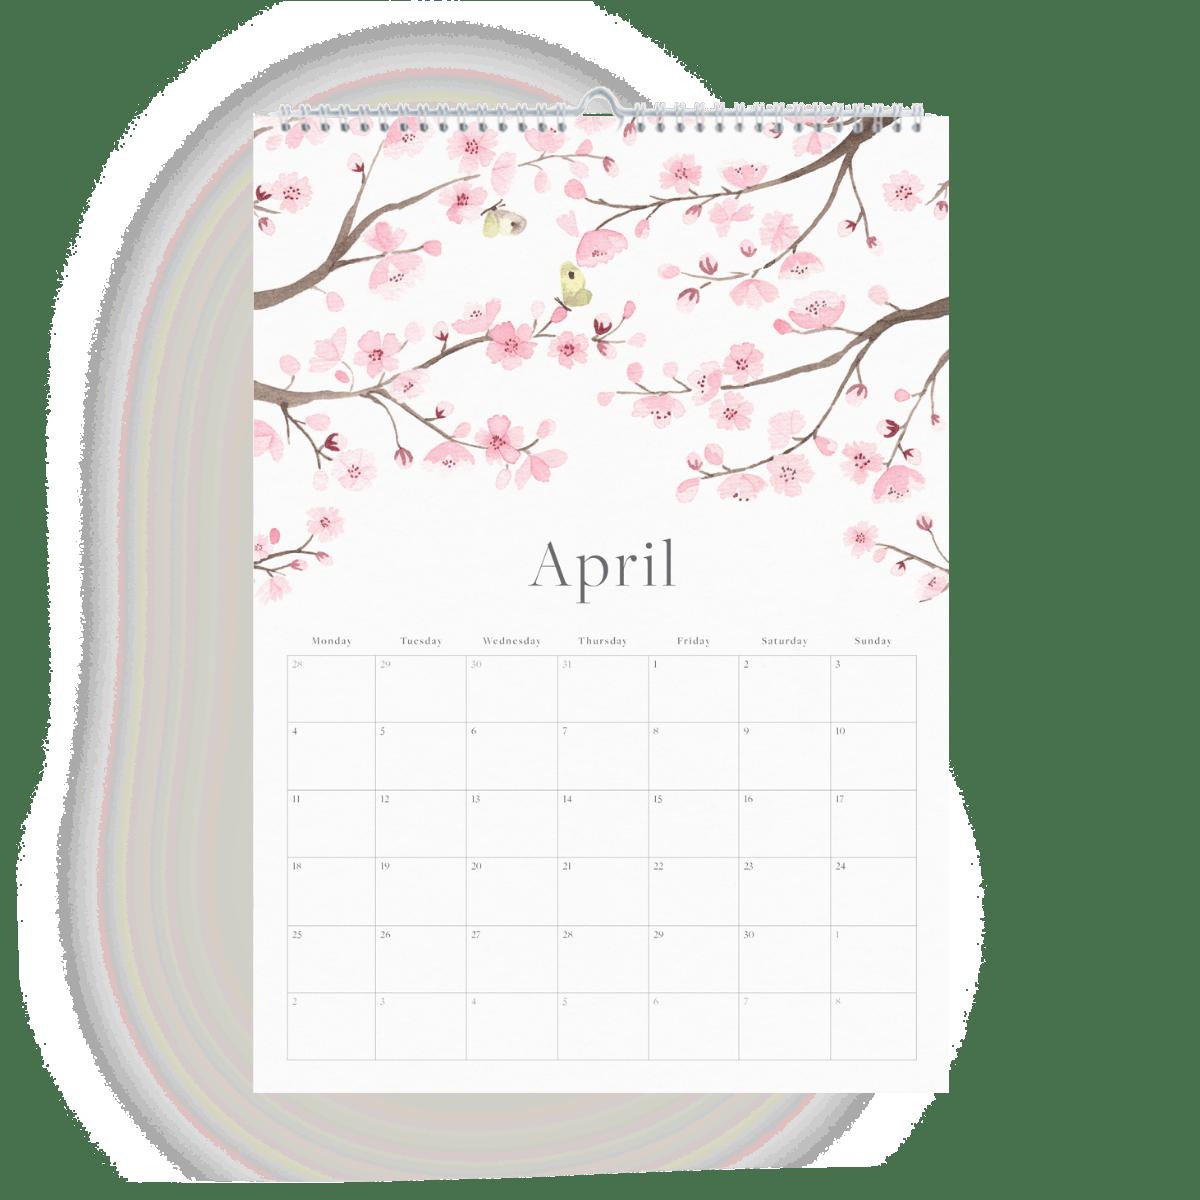 Https%3a%2f%2fwww.papier.com%2fproduct image%2f89611%2f76%2f2020 floral calendar 22447 april 1569837920.png?ixlib=rb 1.1